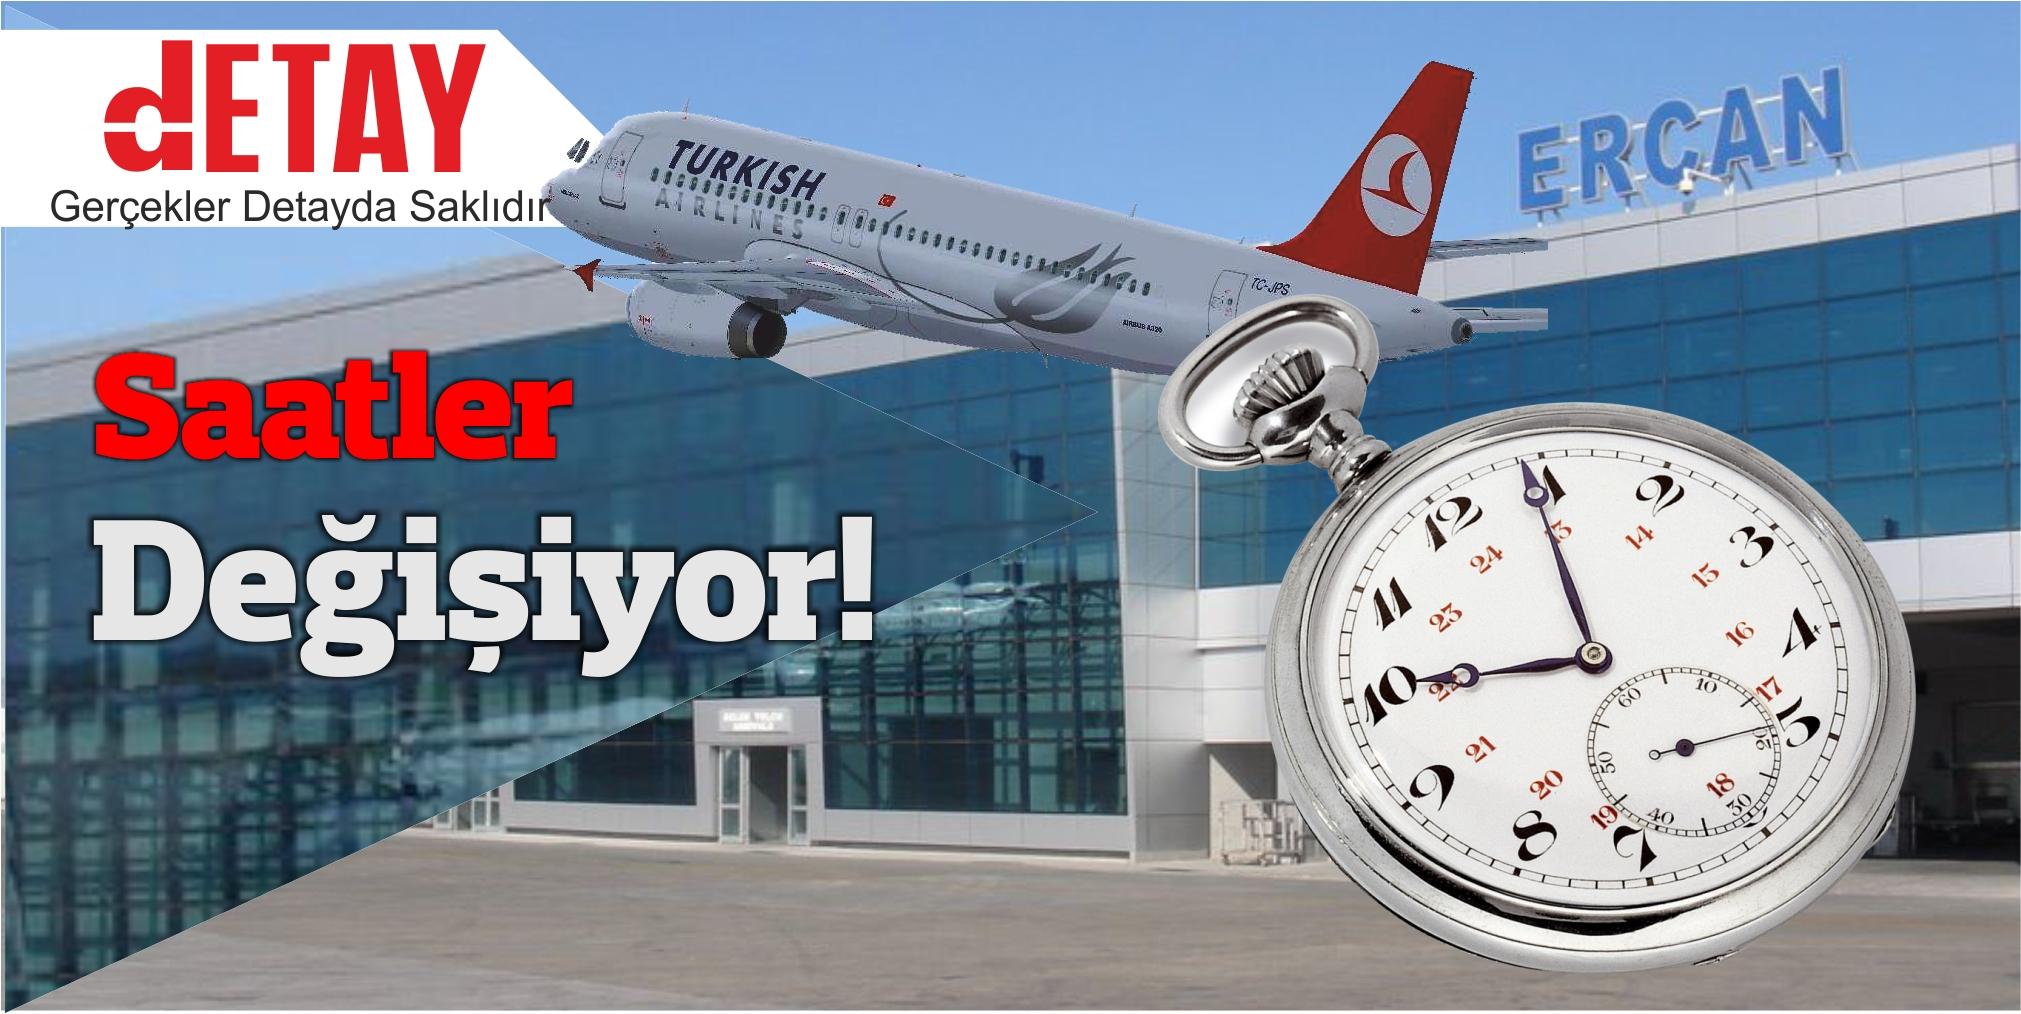 Dikkat! Saatler KKTC'de değişiyor. Türkiye ile 1 saat fark olacak!